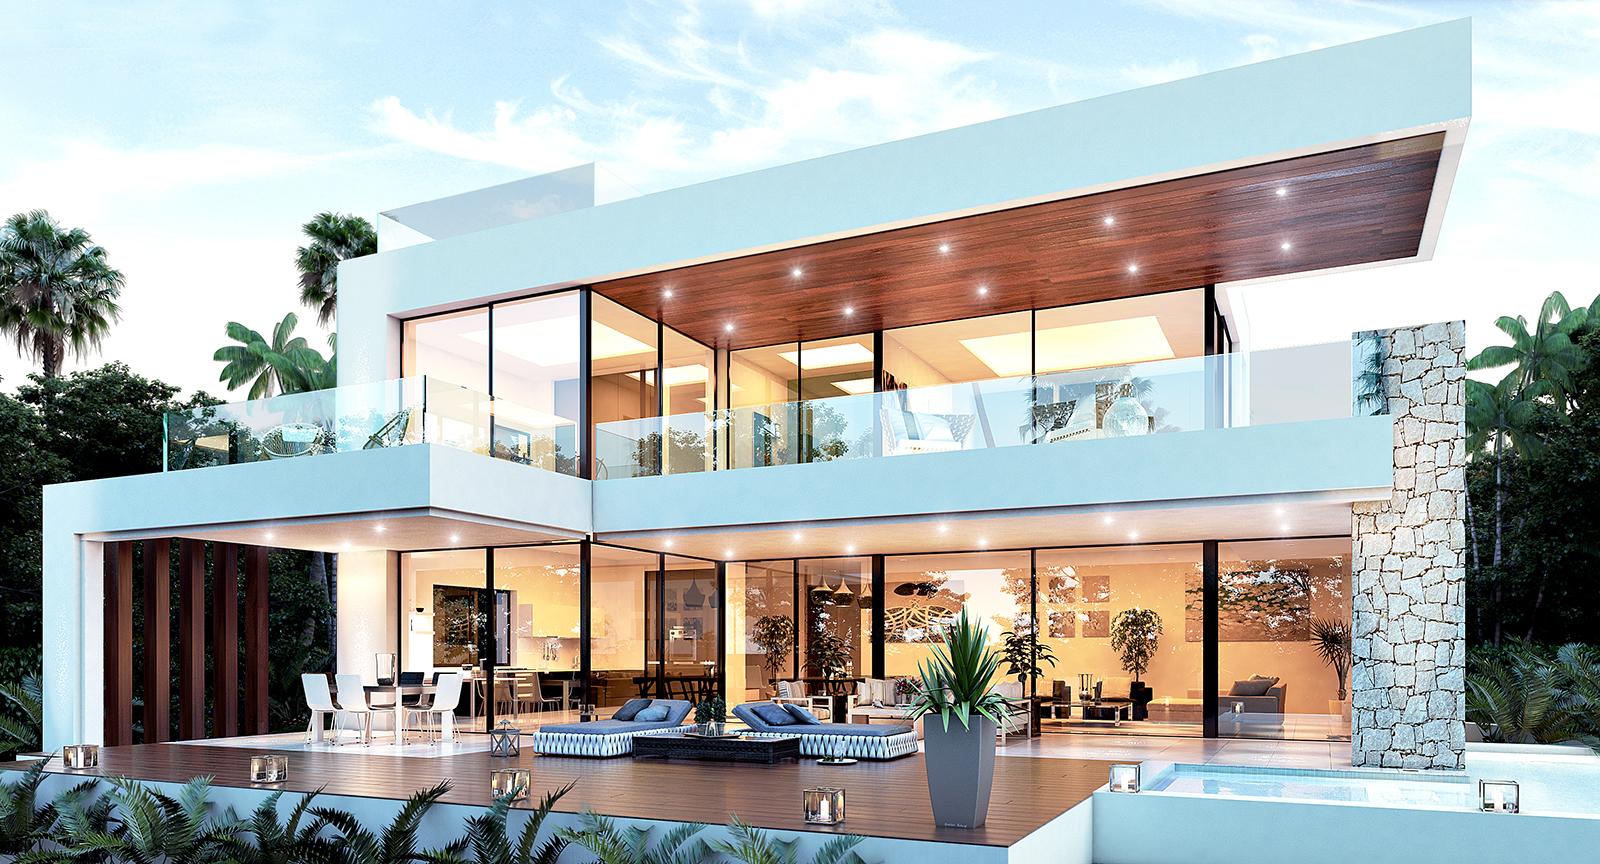 Fantástica parcela con proyecto de villa en Marbesa